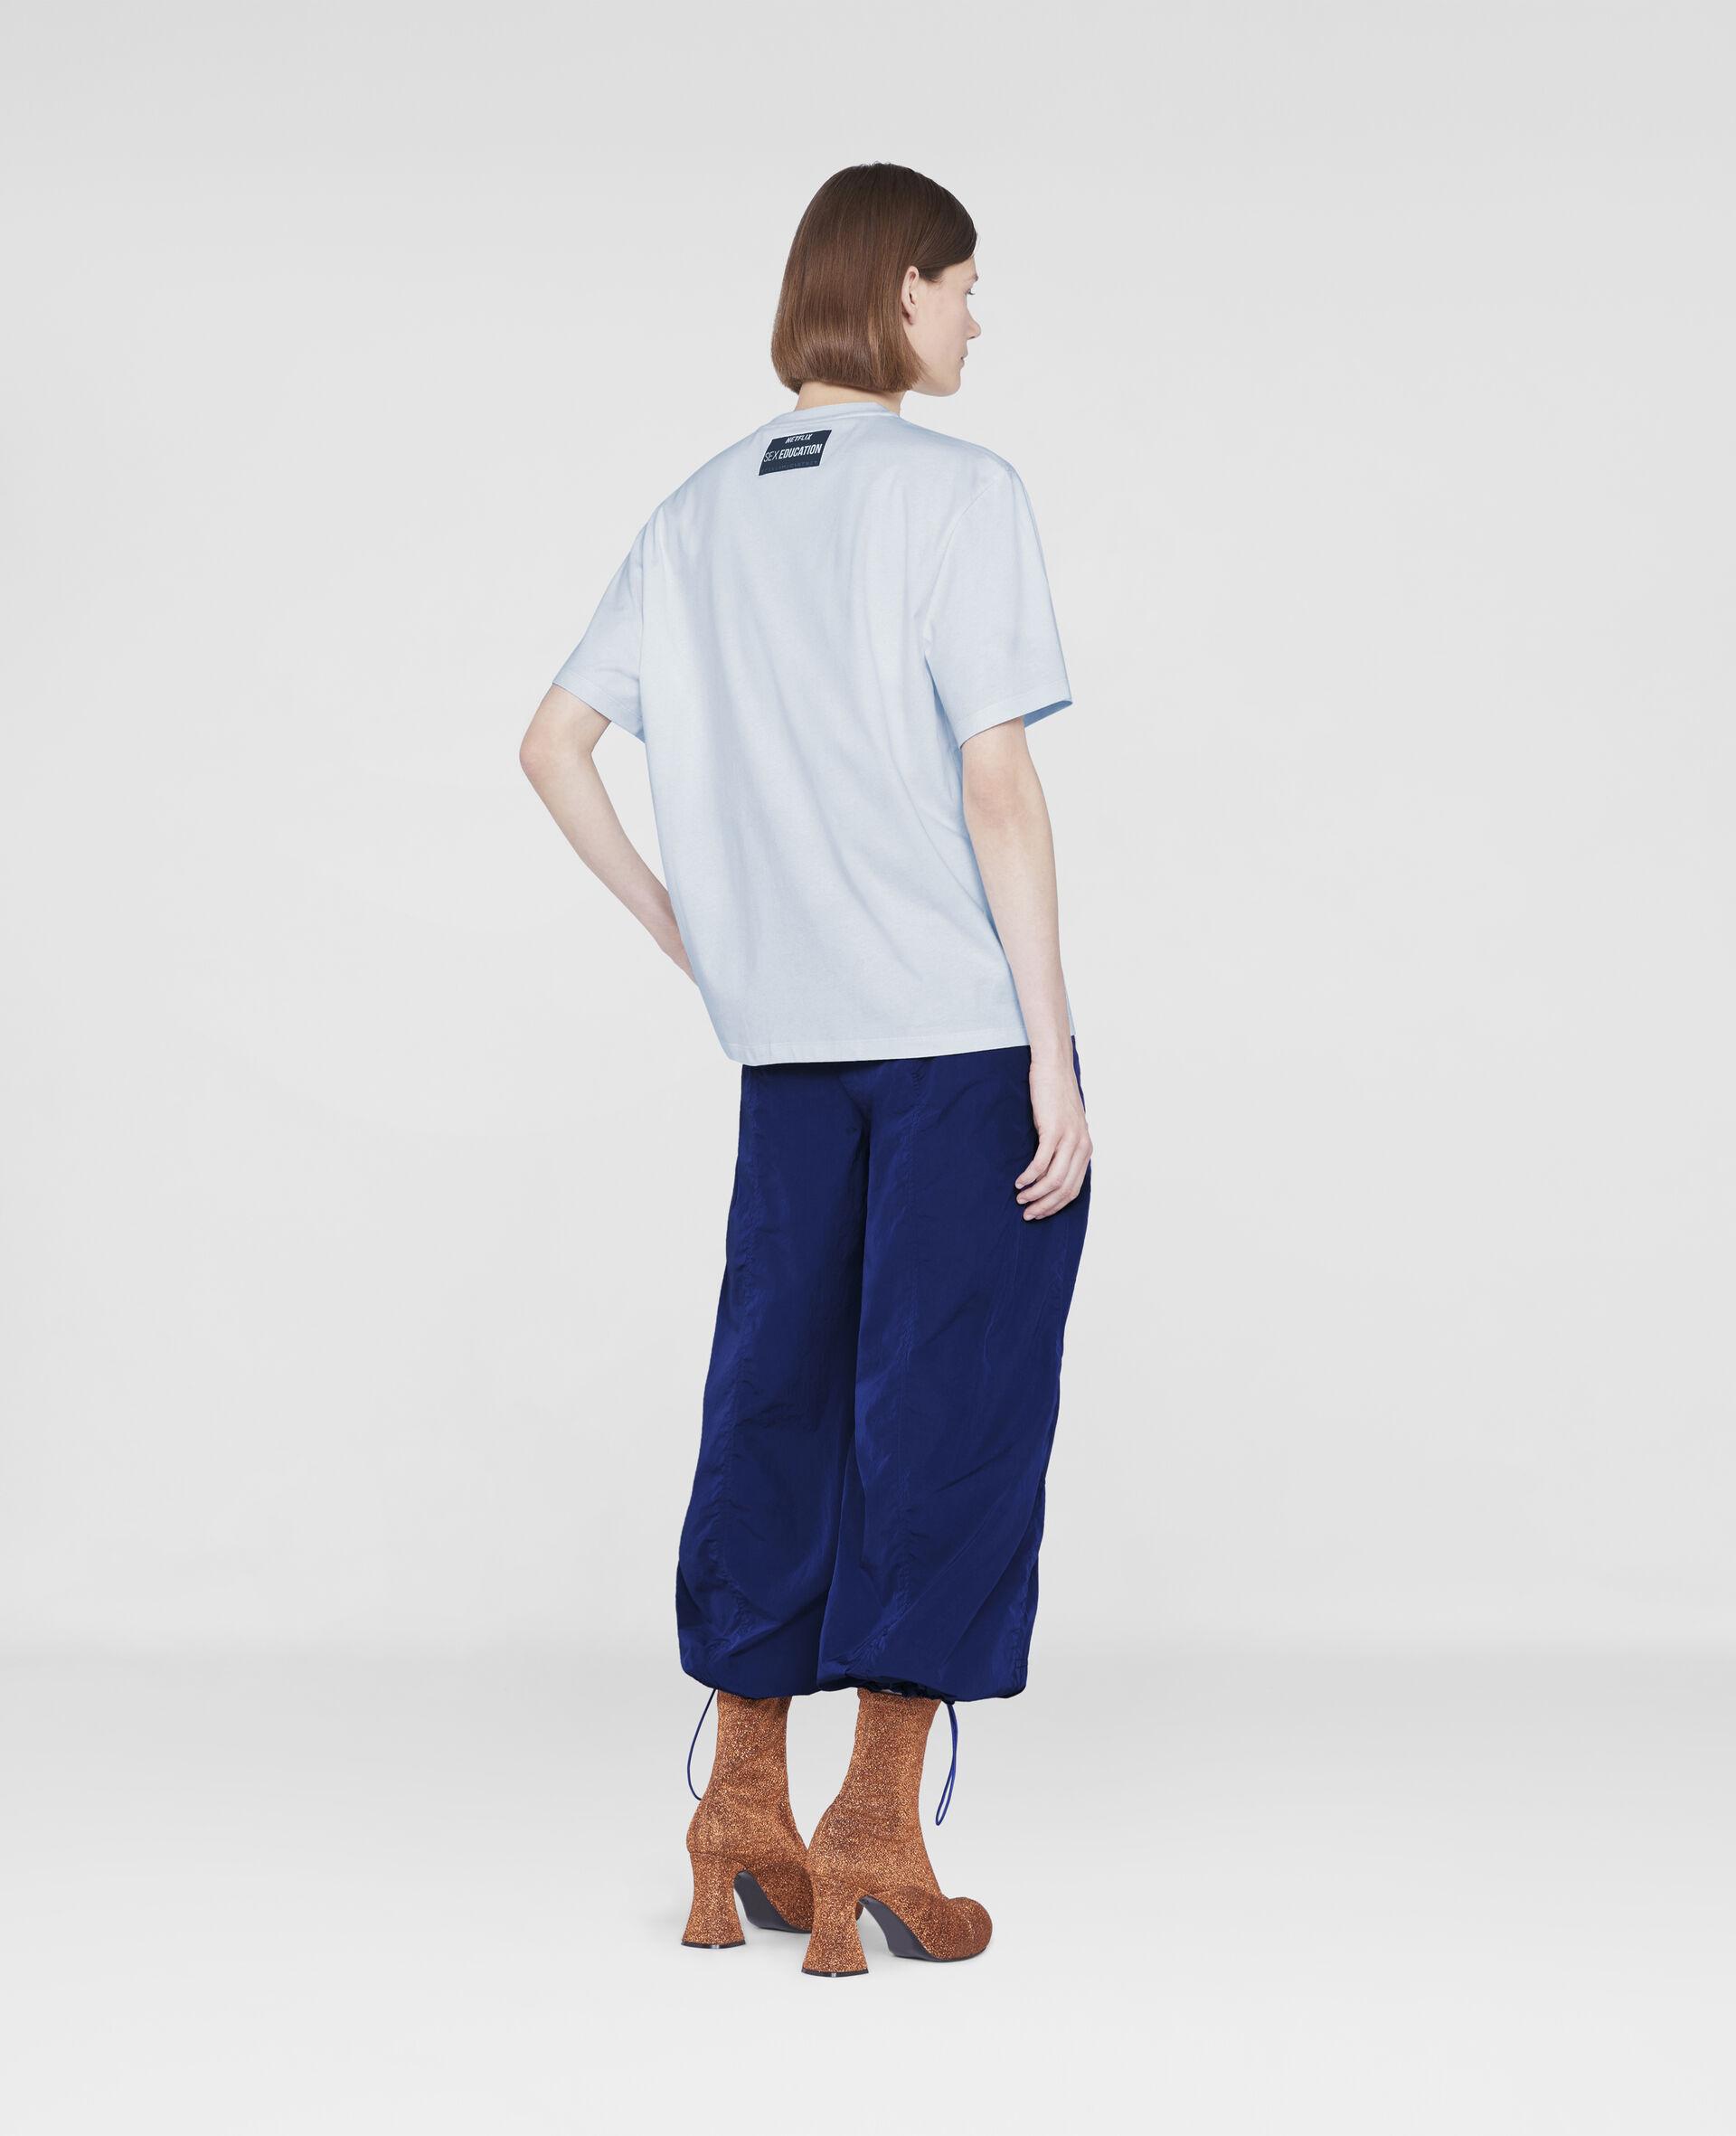 T-shirt Bca «Sex Education»-Bleu-large image number 2